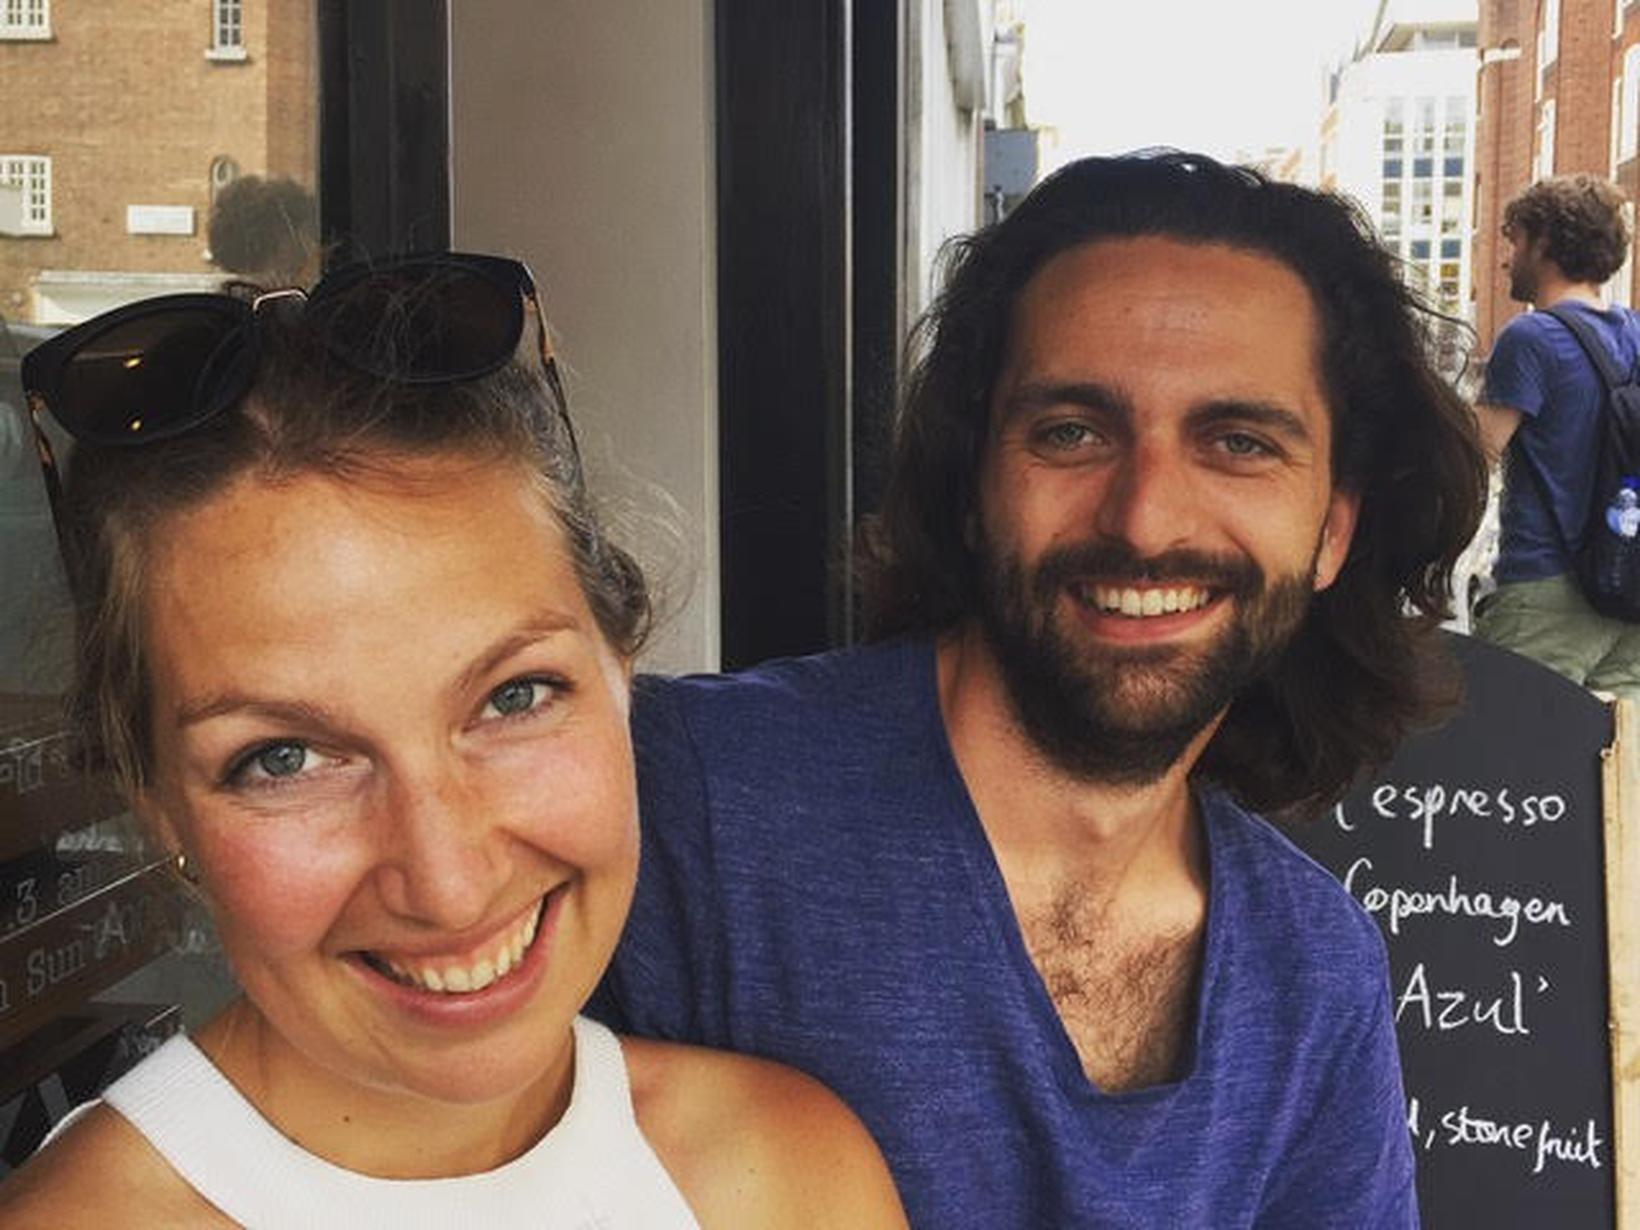 Jaime & David from London, United Kingdom